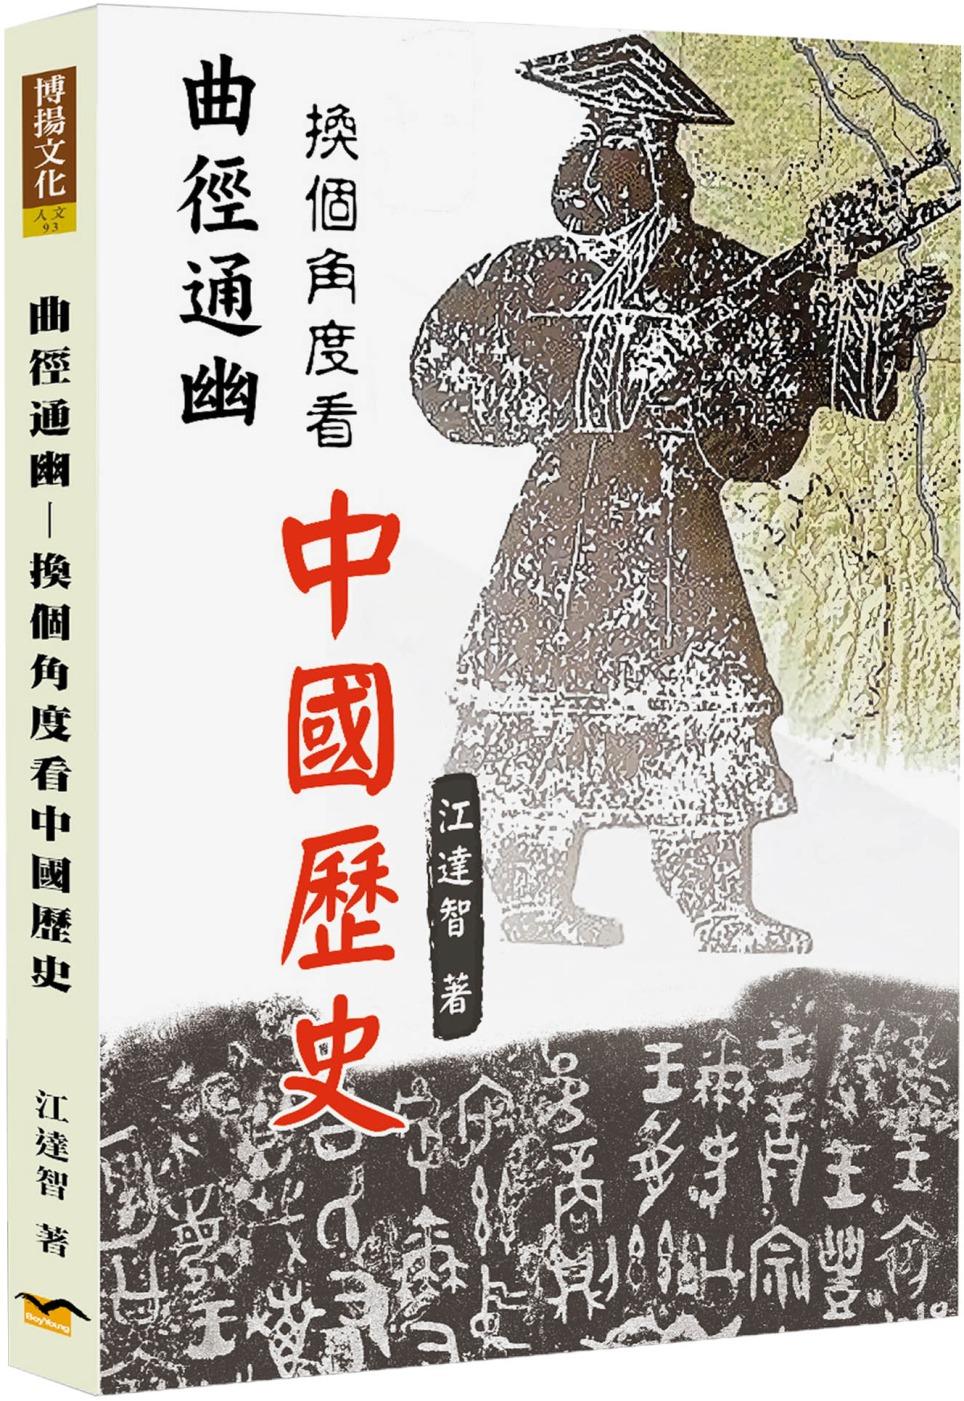 曲徑通幽:換個角度看中國歷史